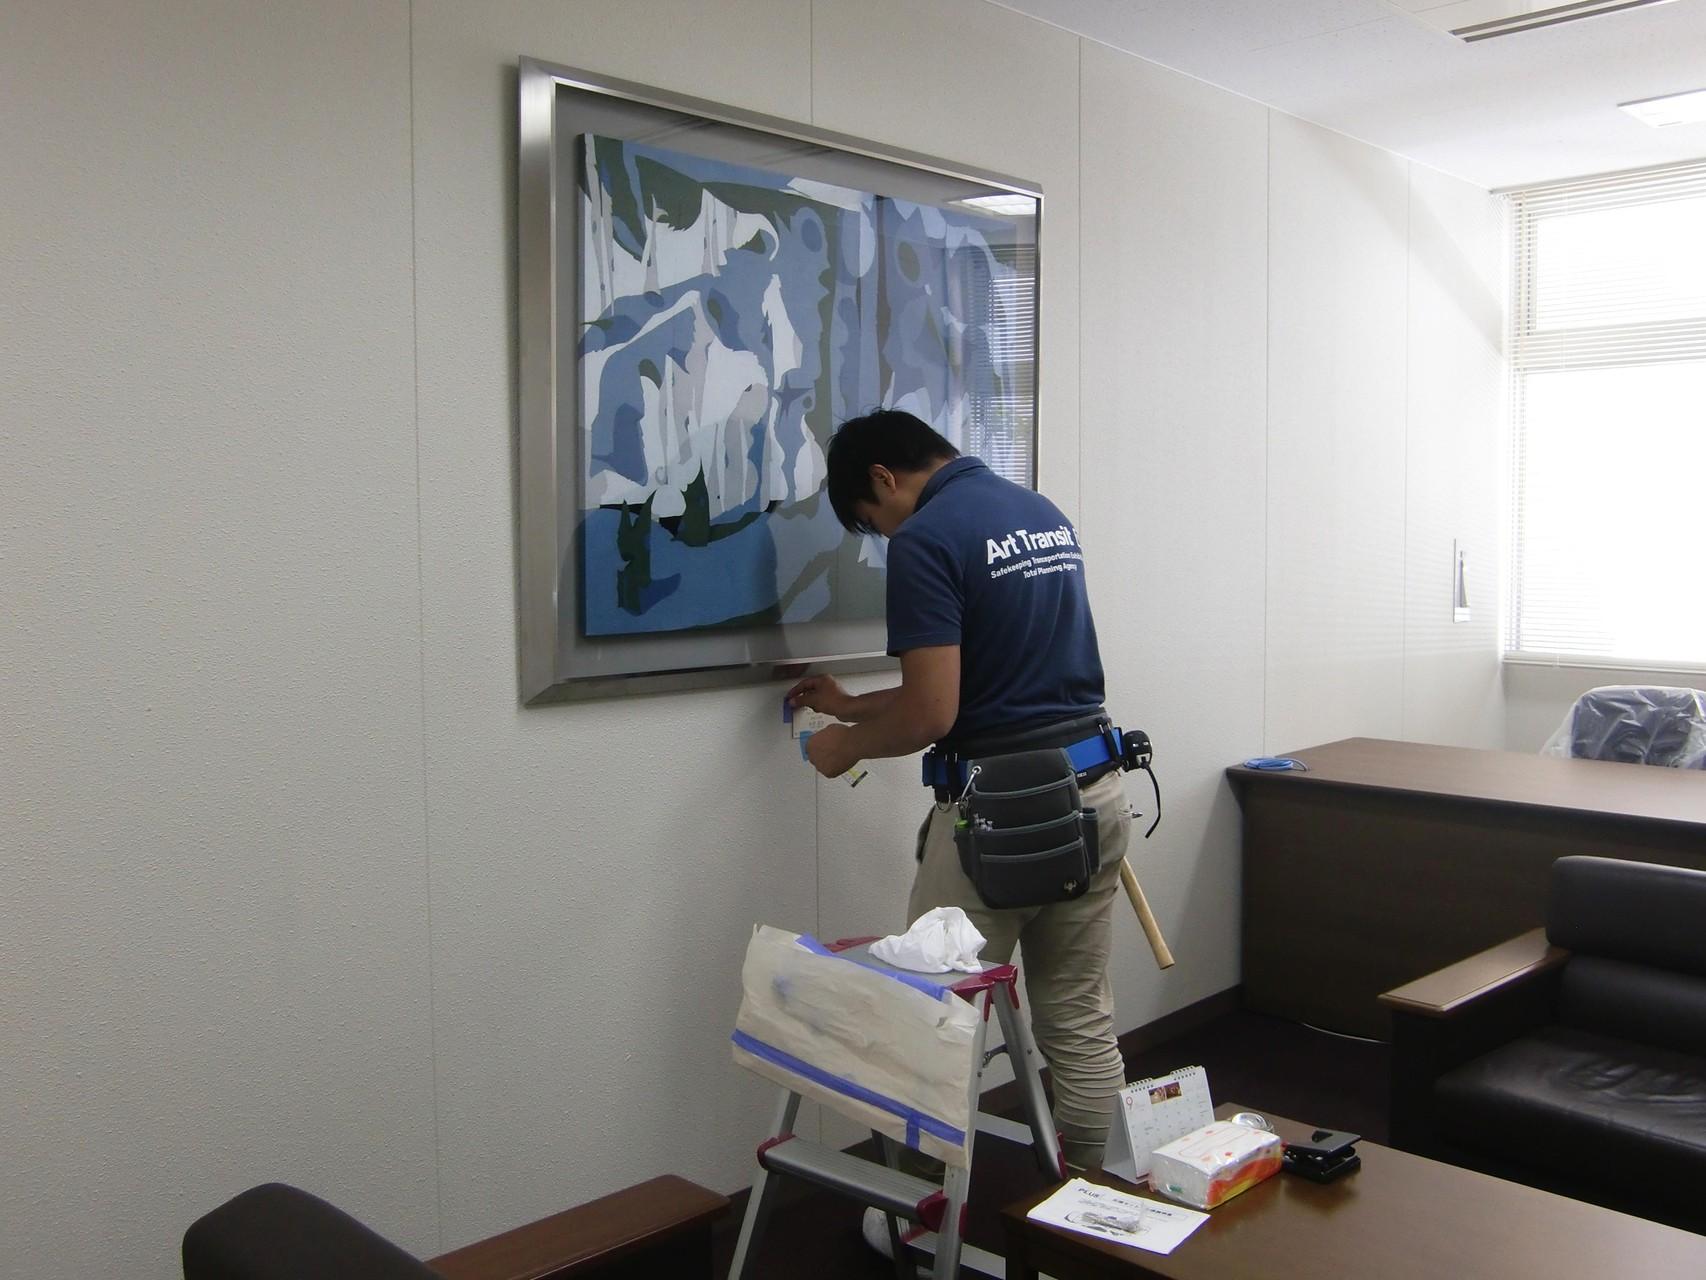 「森物語」 88×120cm 染色 ローケツ  2011年 中井貞二 芸術院 会 員日展会員